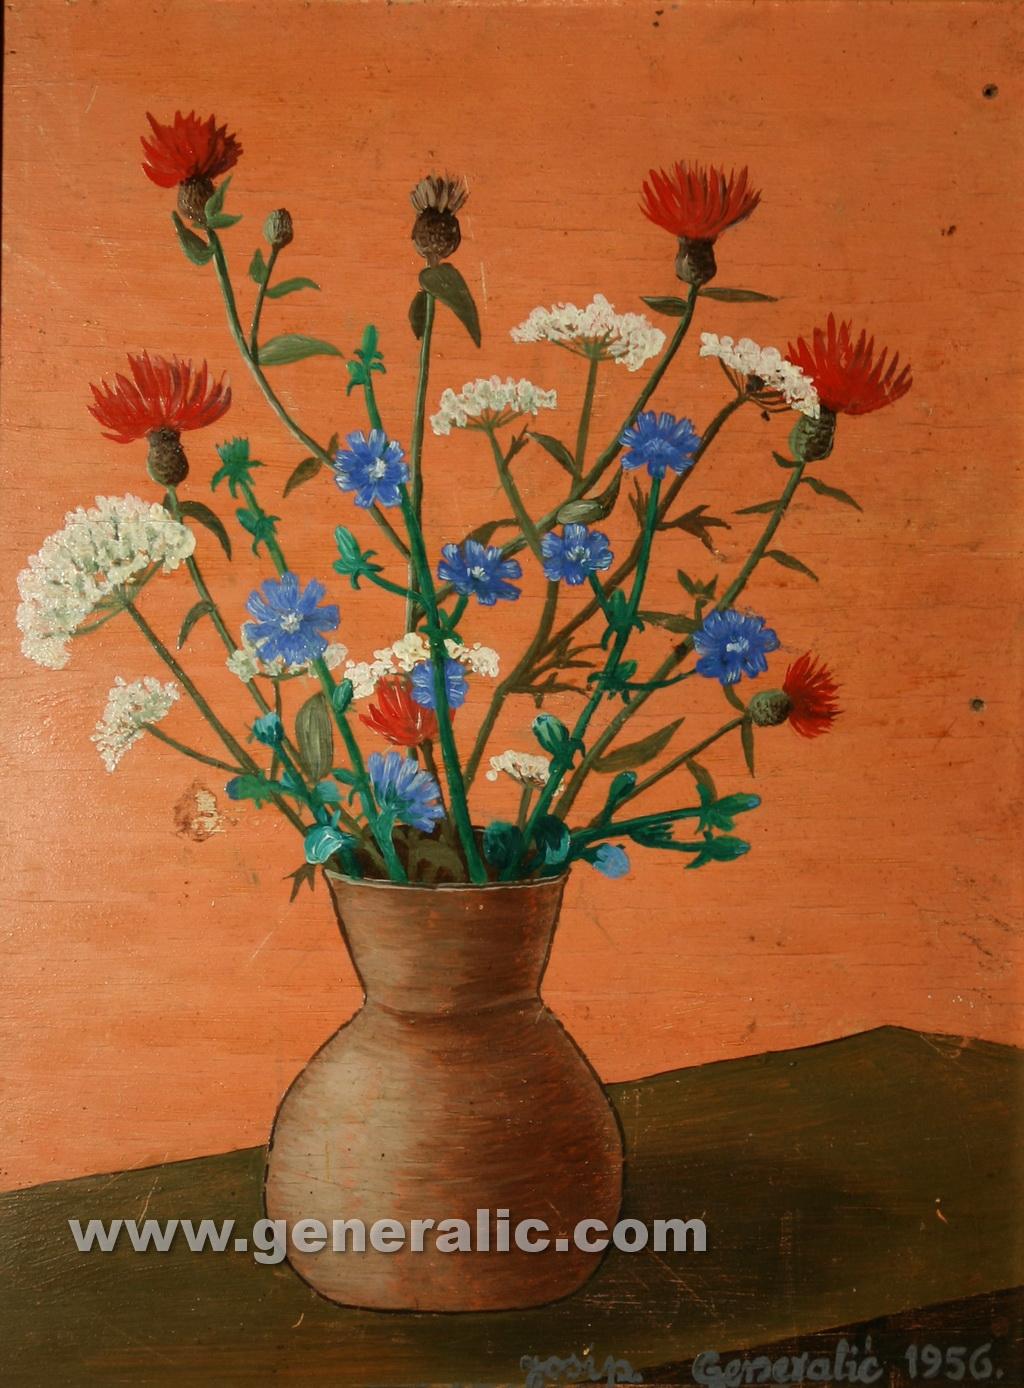 Josip Generalic, 1956, Flowers, oil on wood, 36x28 cm